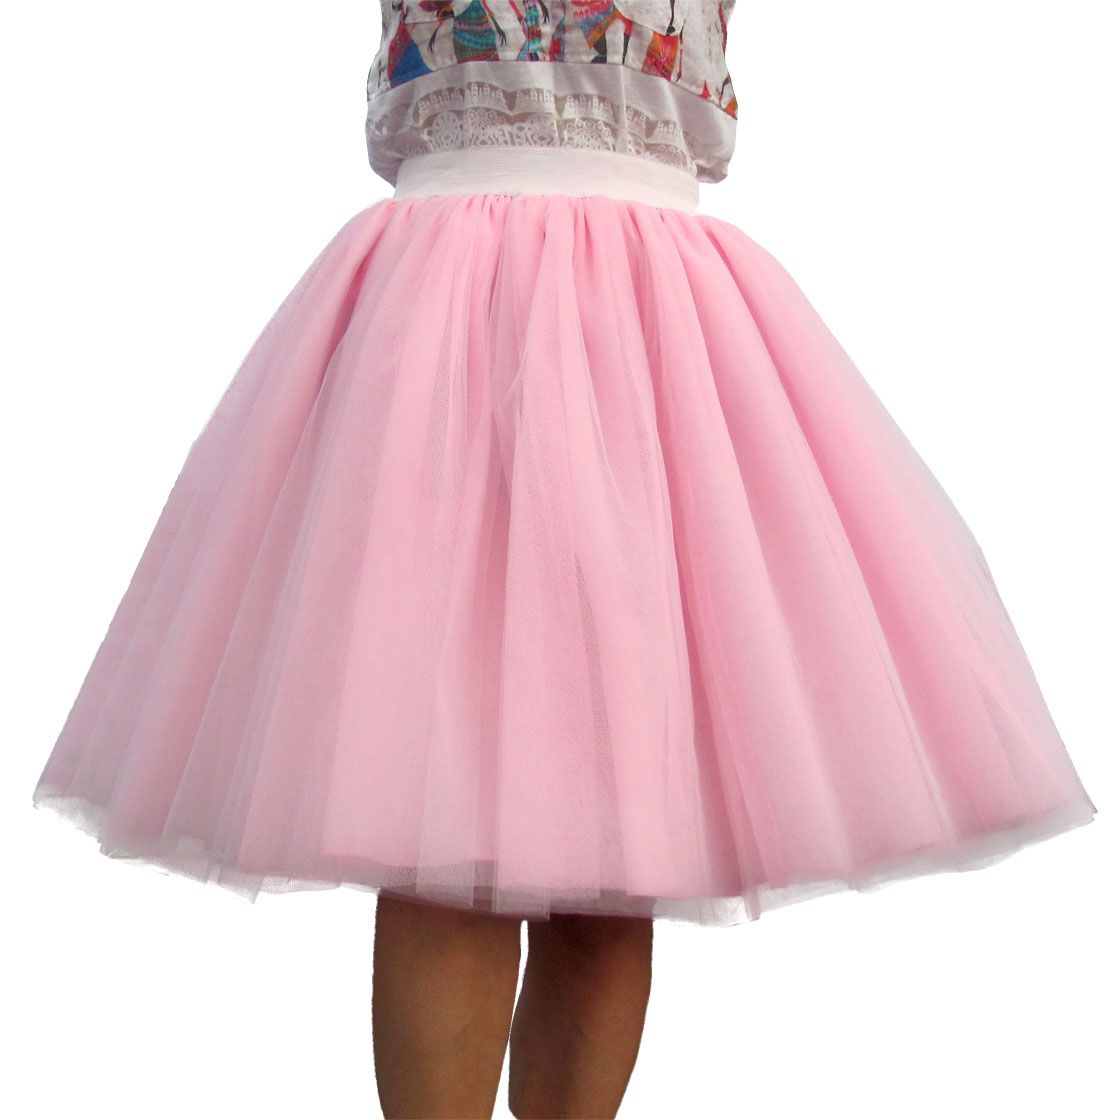 Femmes sur mesure jupe en Tulle 6 couches de blanc rose noir robe de bal taille haute falda Midi longueur au genou grande taille Tutu jupes